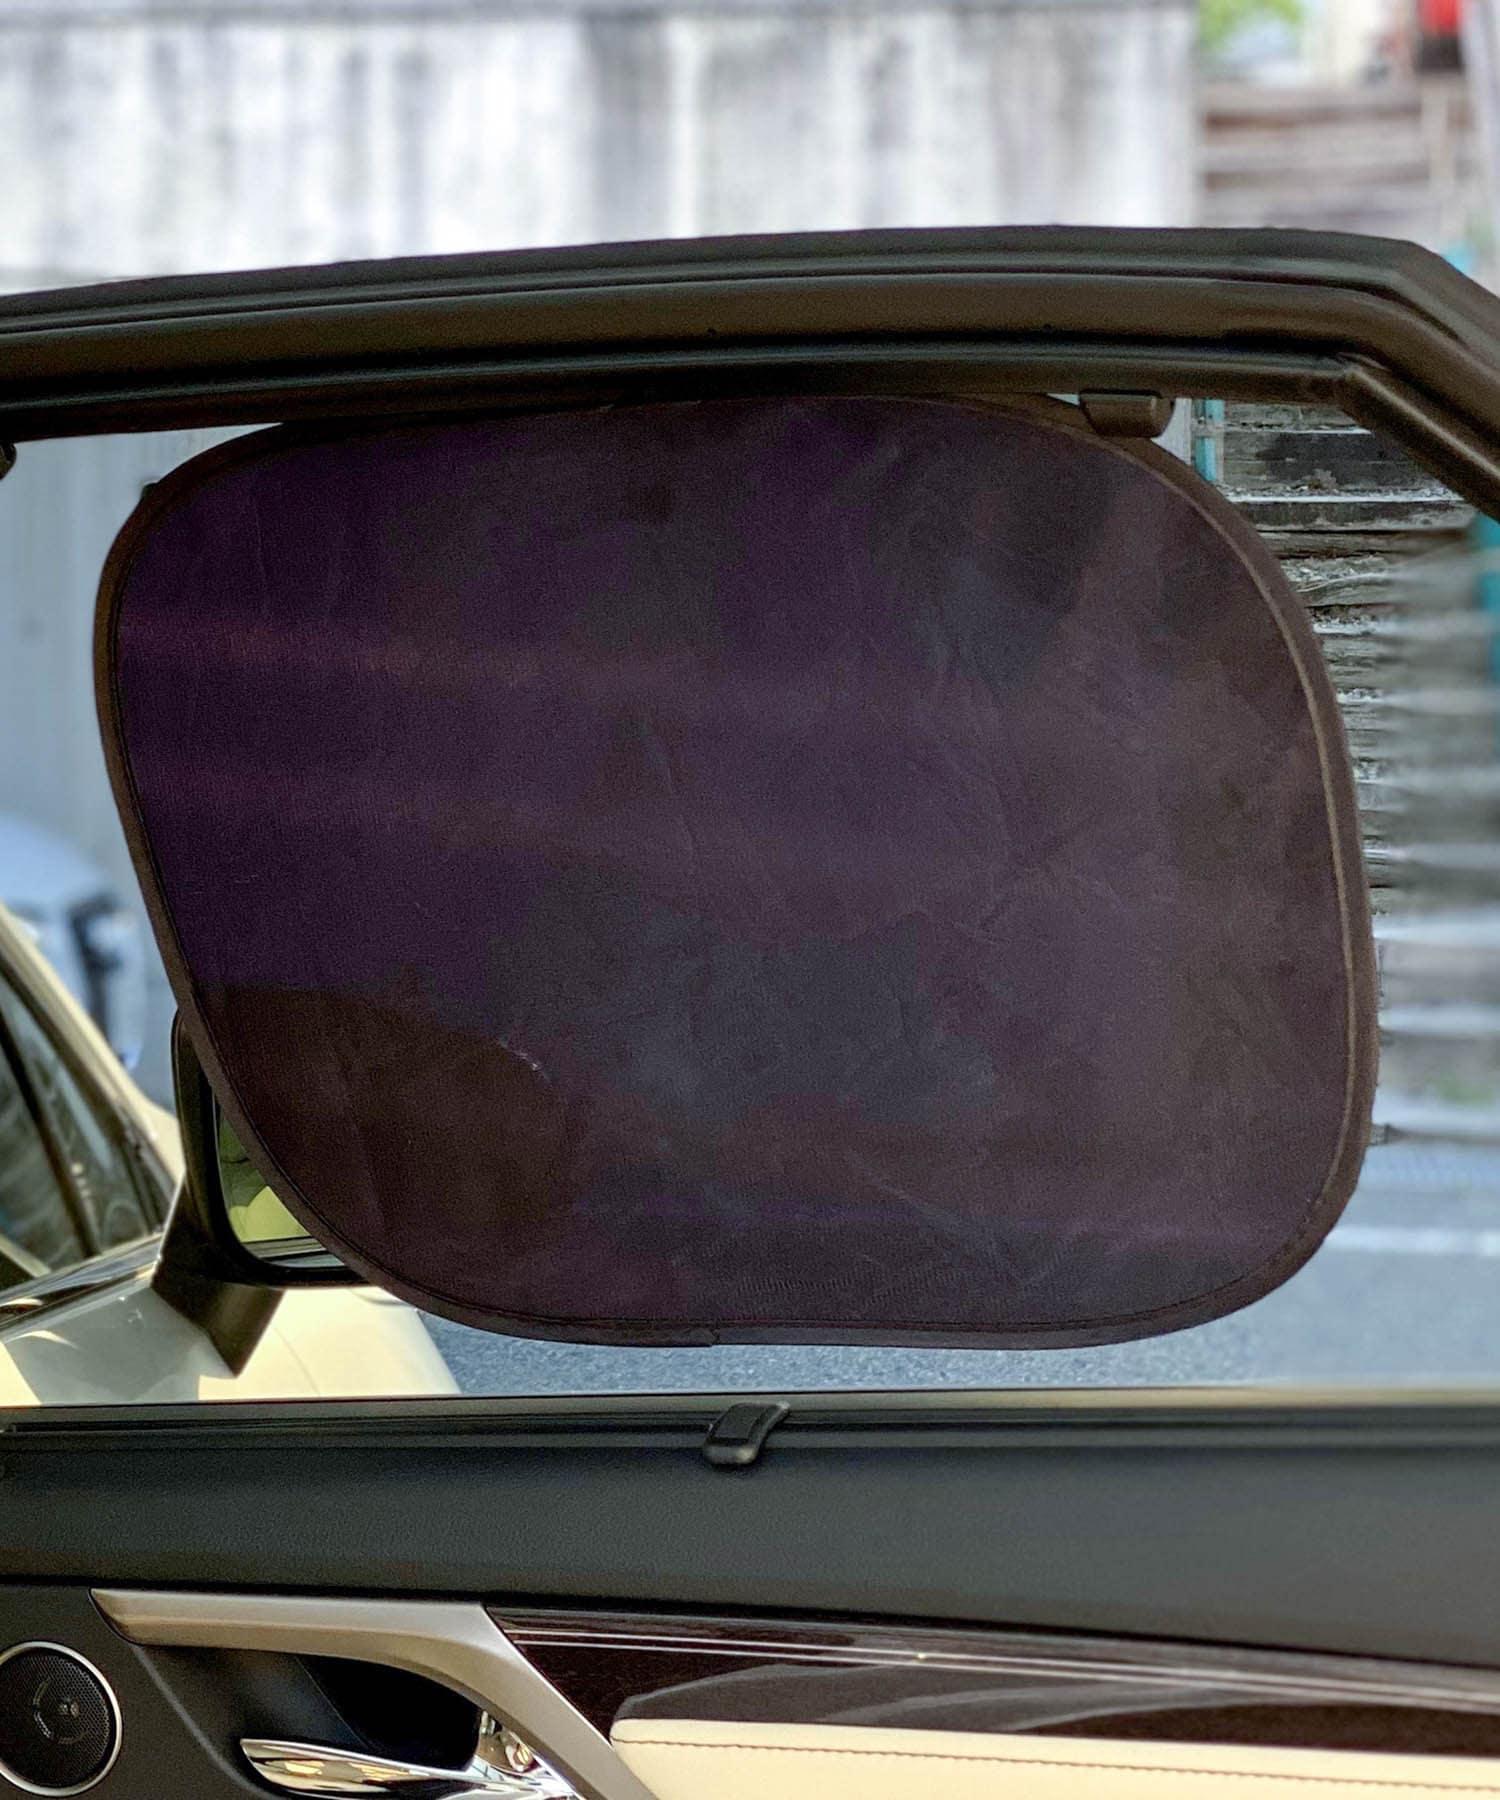 3COINS(スリーコインズ) ライフスタイル 【ドライブを快適に】CAR吸盤のいらないサンシェード2個セット ブラック